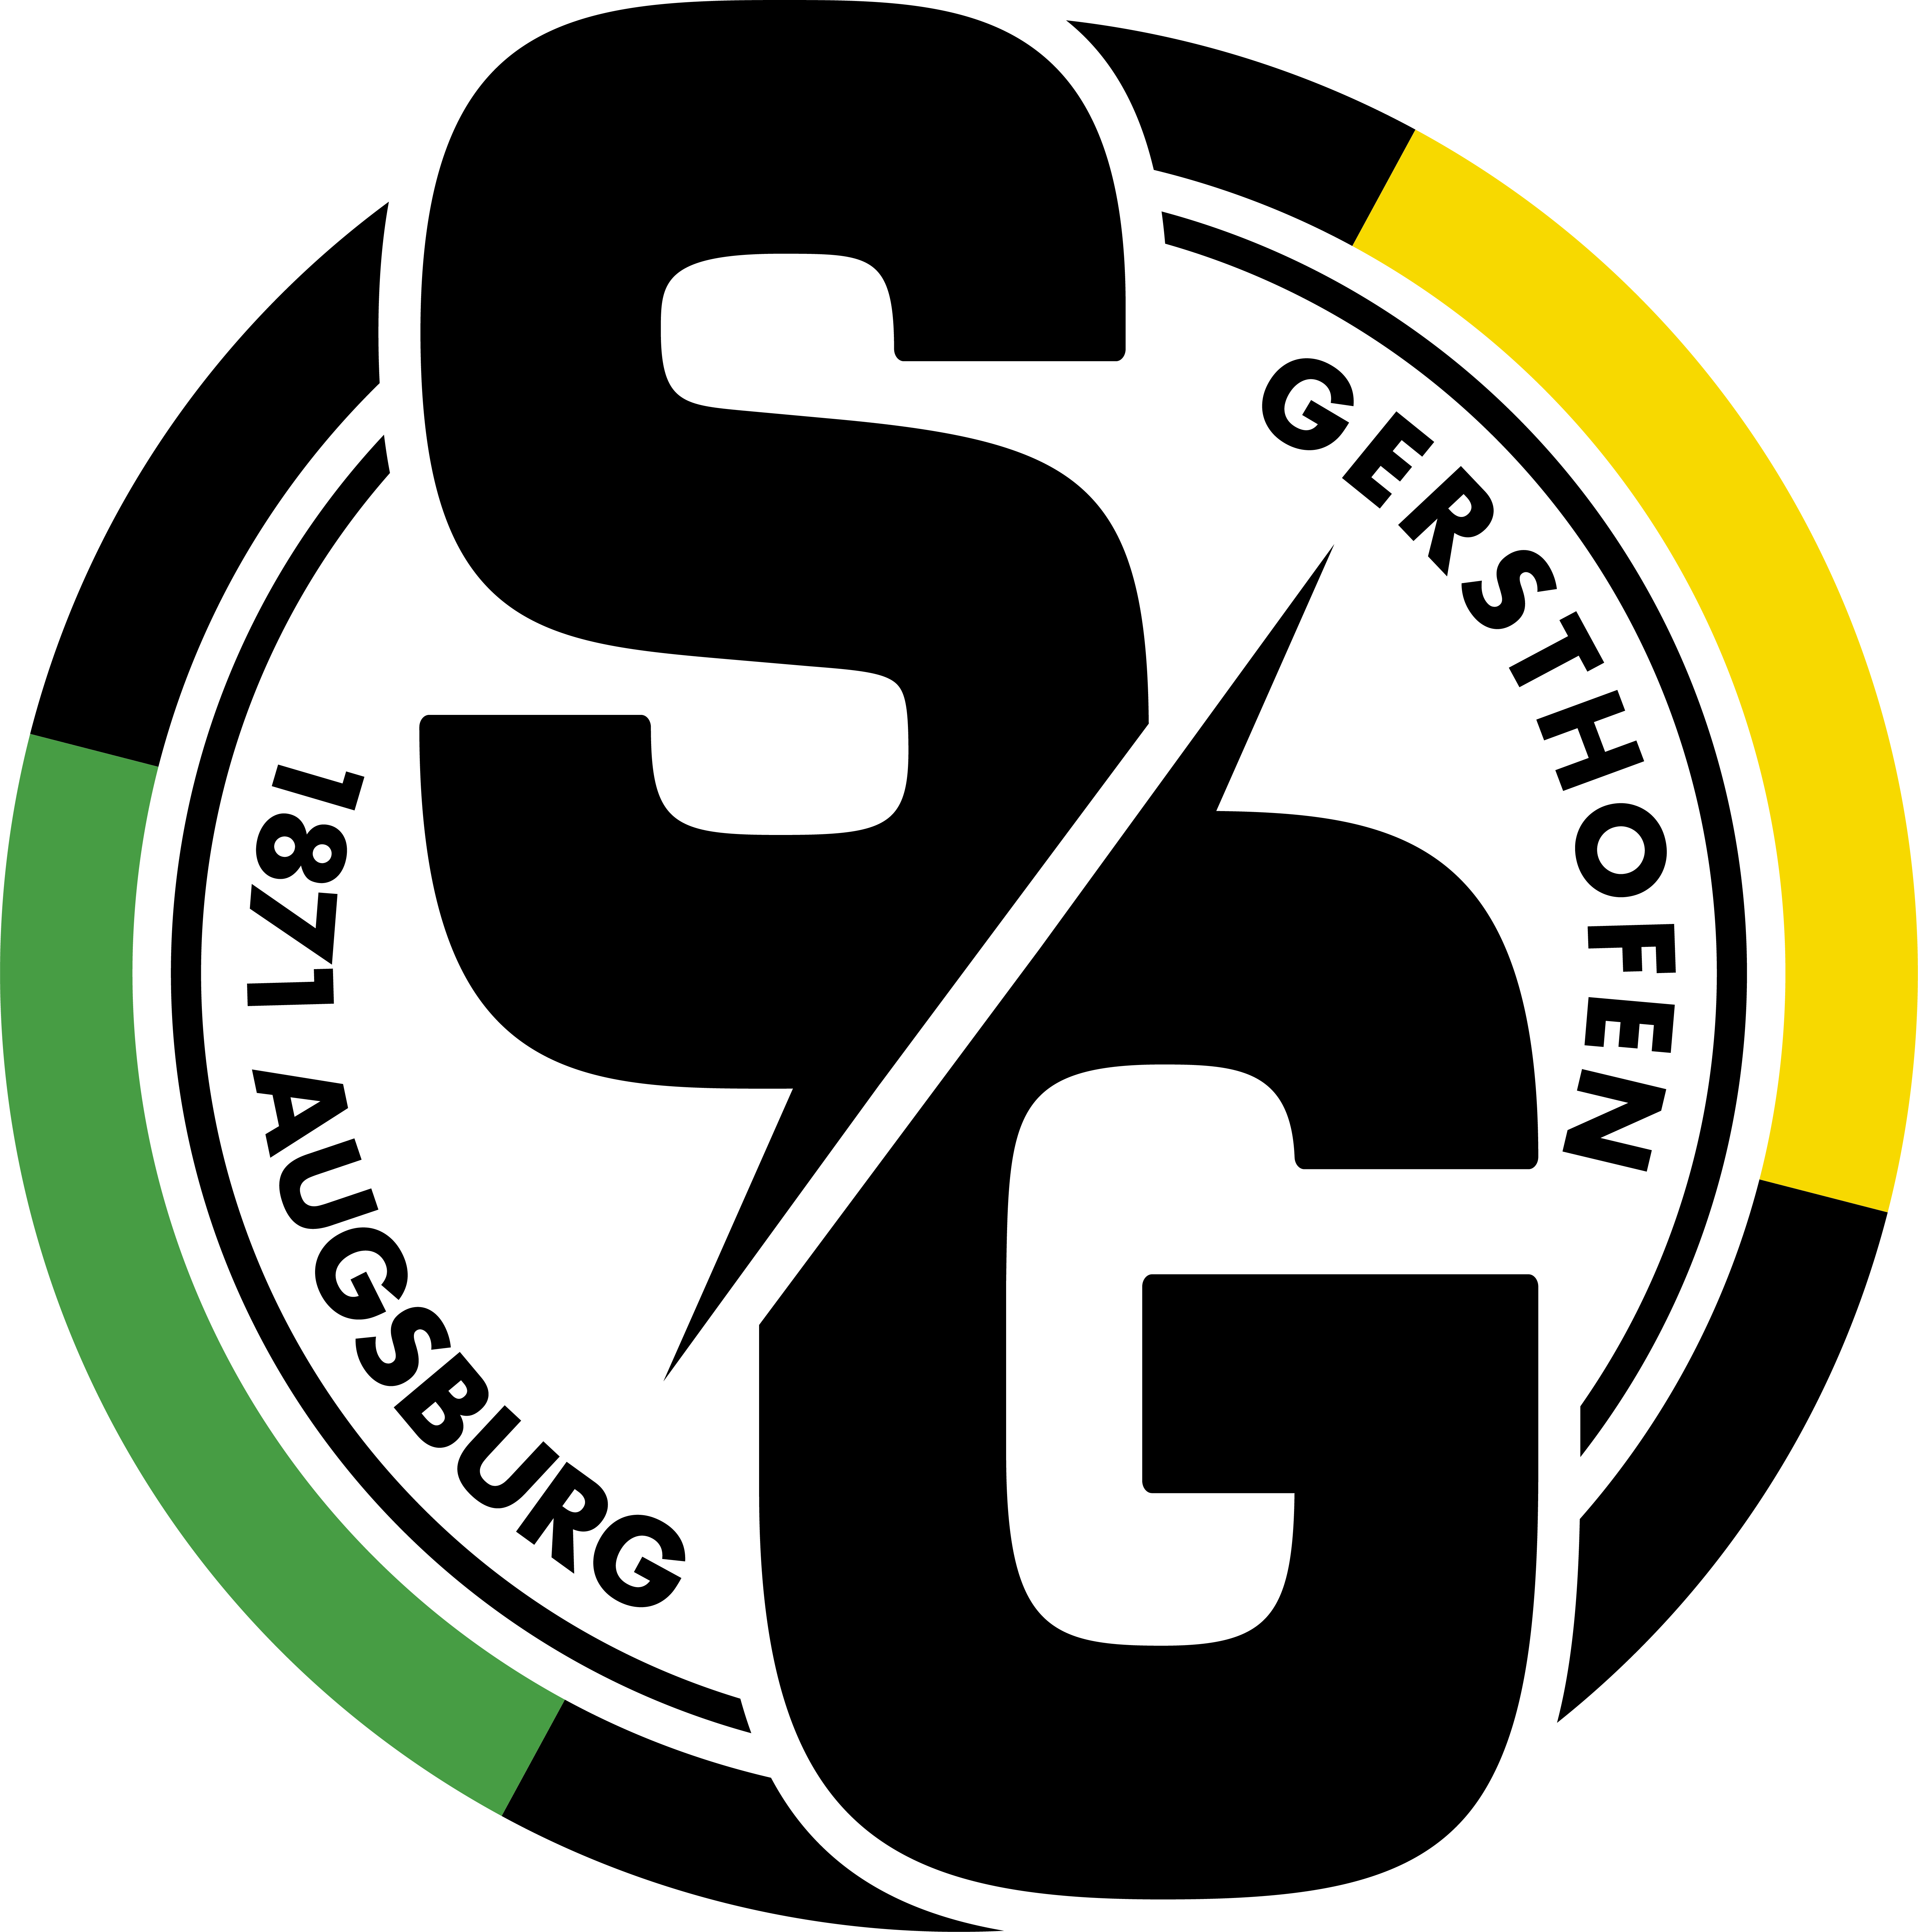 Logo SG 1871 Augsburg Gersthofen